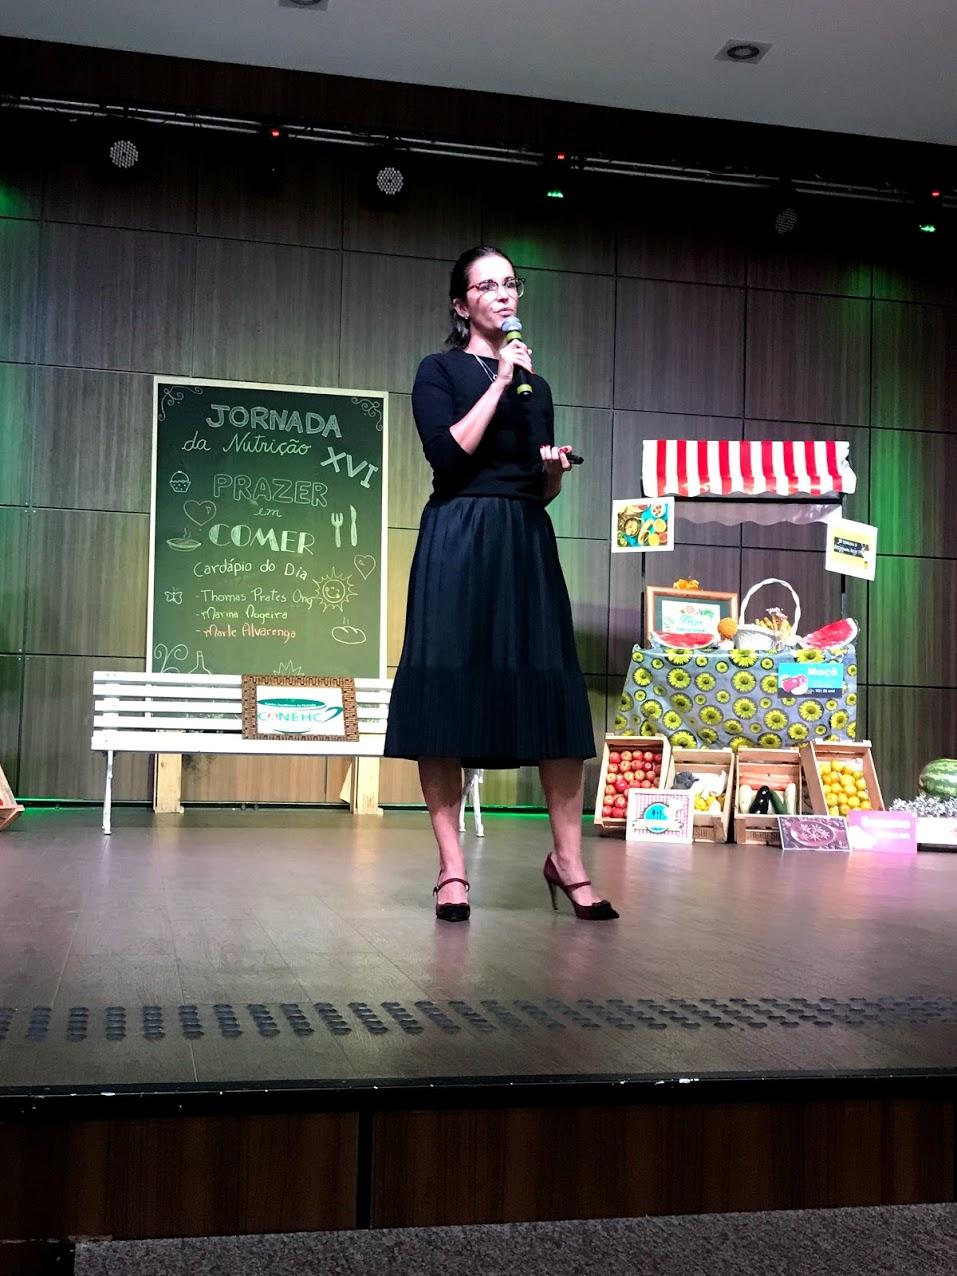 XVI jornada da nutrição da Faculdade Adventista - São Paulo - SP - maio/2018